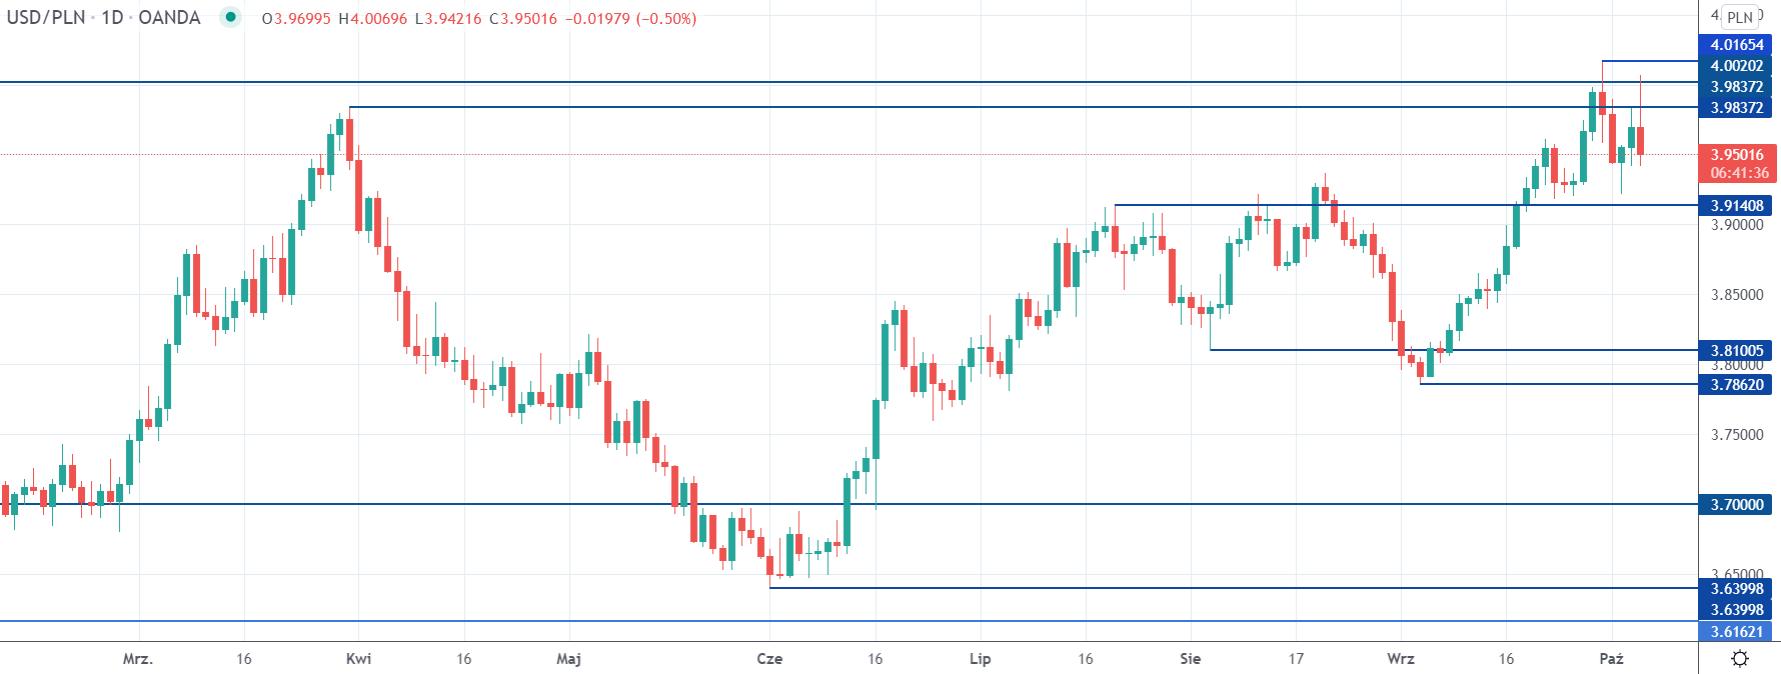 Kurs dolara spada z okolic 4,00 zł. USDPLN nadal w tendencji wzrostowej